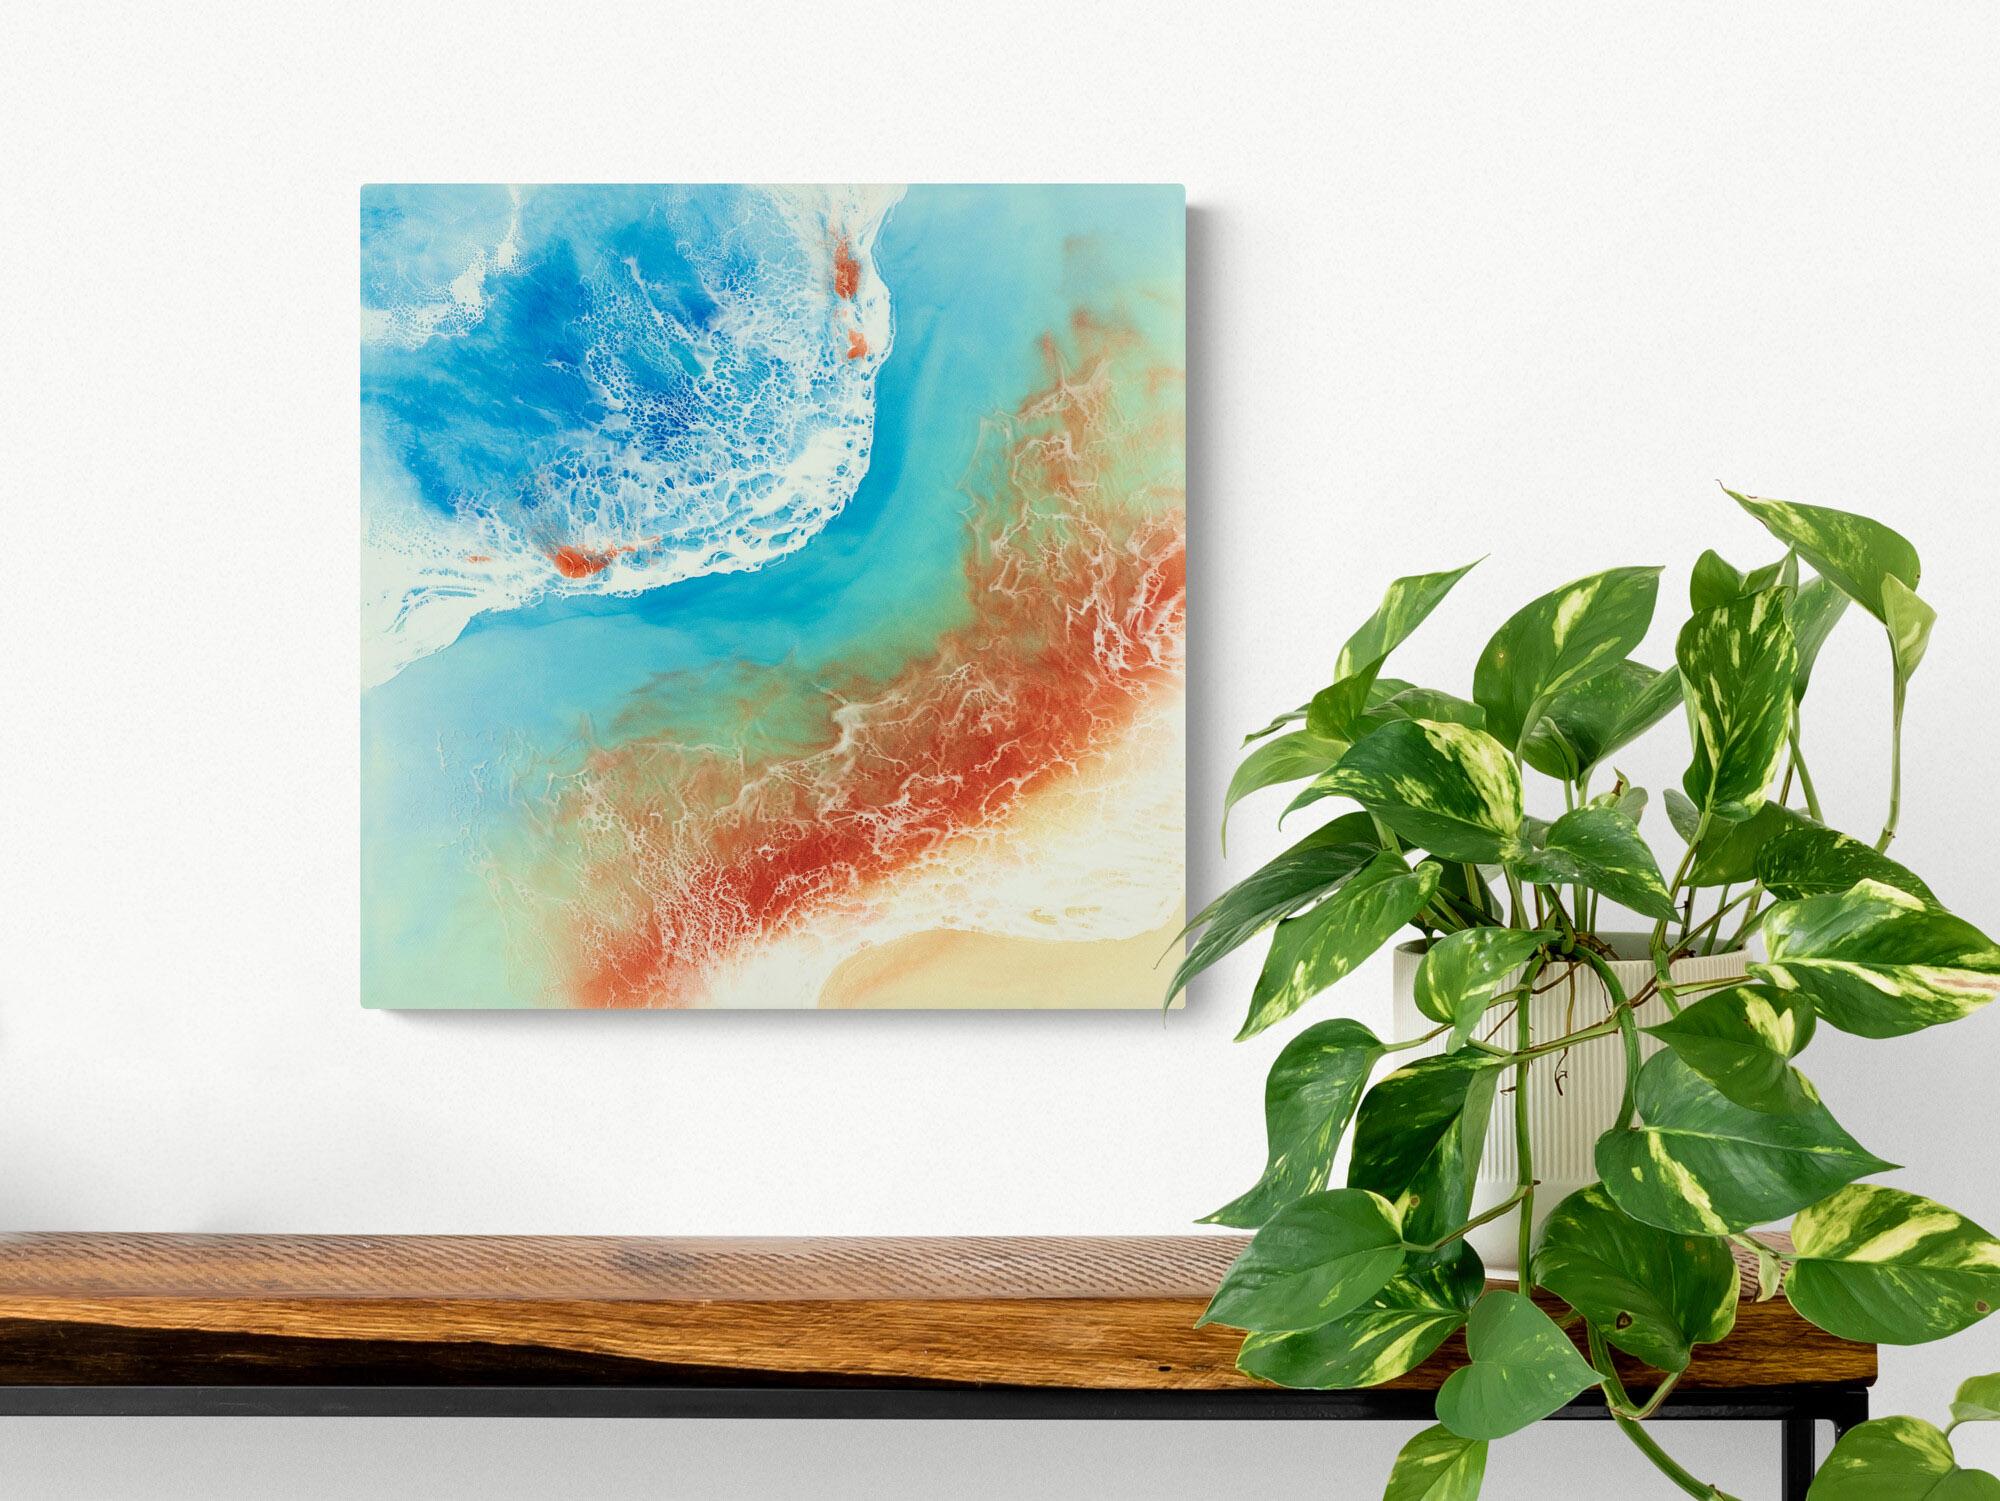 Ocean Resin Art Metallic Copper Blazing Beauty By Michelle Tracey